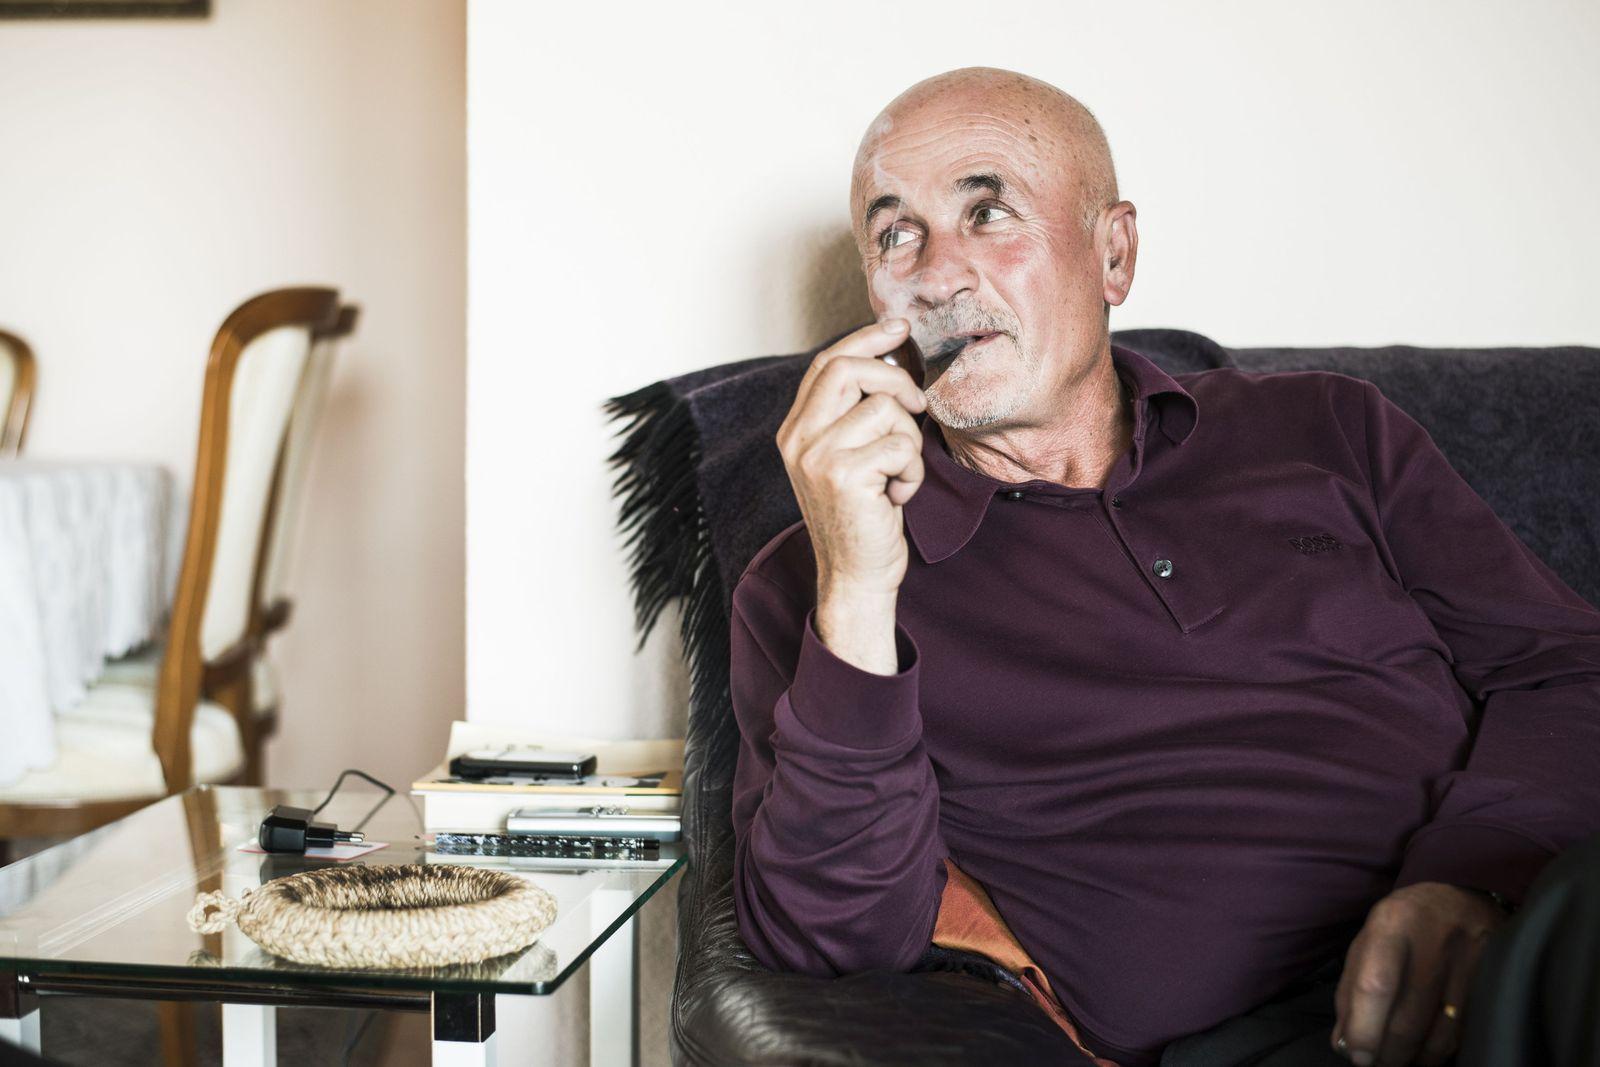 """Hamaz Ghazarian 63, Facharzt für Allgemeinmedizin, Köln """"Der schlug vor, dass er uns ein Haus baut und ich ihm dafür einen Mercedes besorge. Zwei Jahre später haben wir einen Autoschlüssel gegen unseren Hausschlüssel eingetauscht."""" © Erol Gurian 2016"""